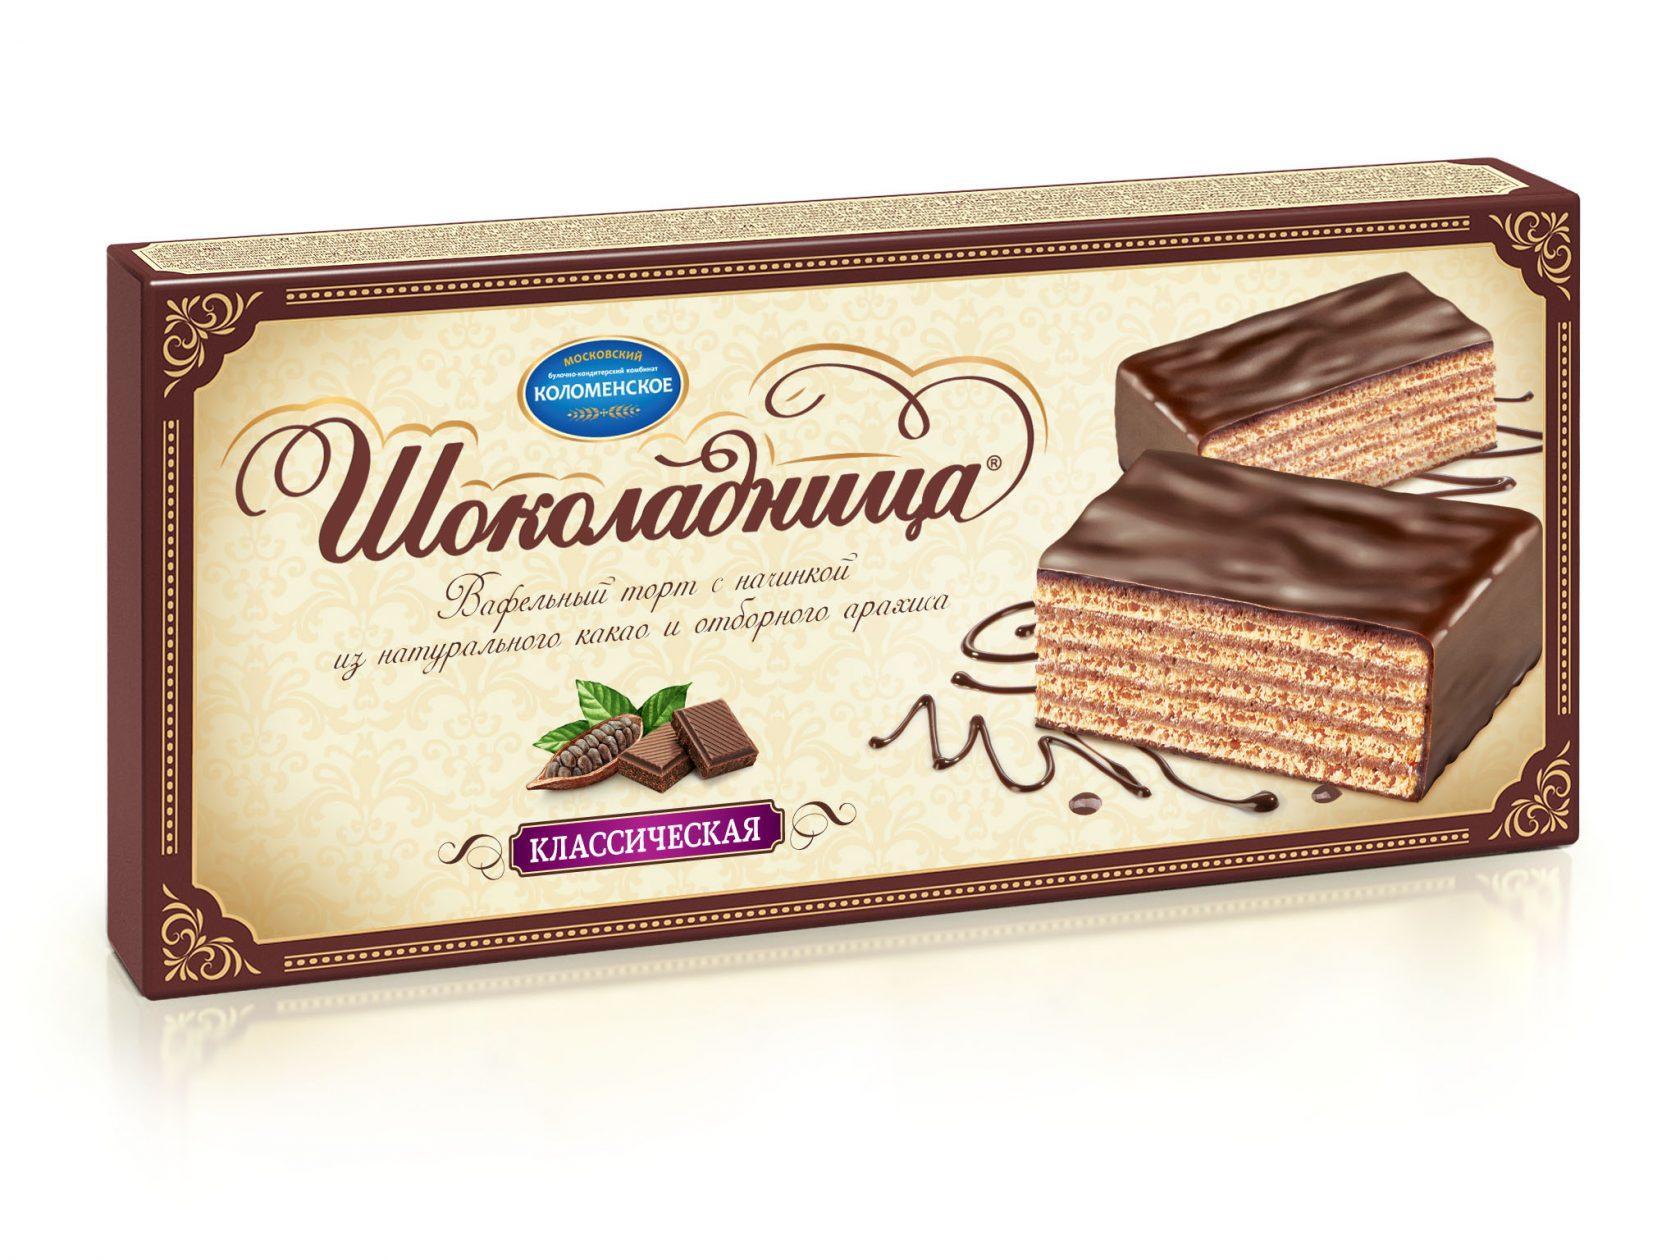 Торт Шоколадница 240 г. Классический